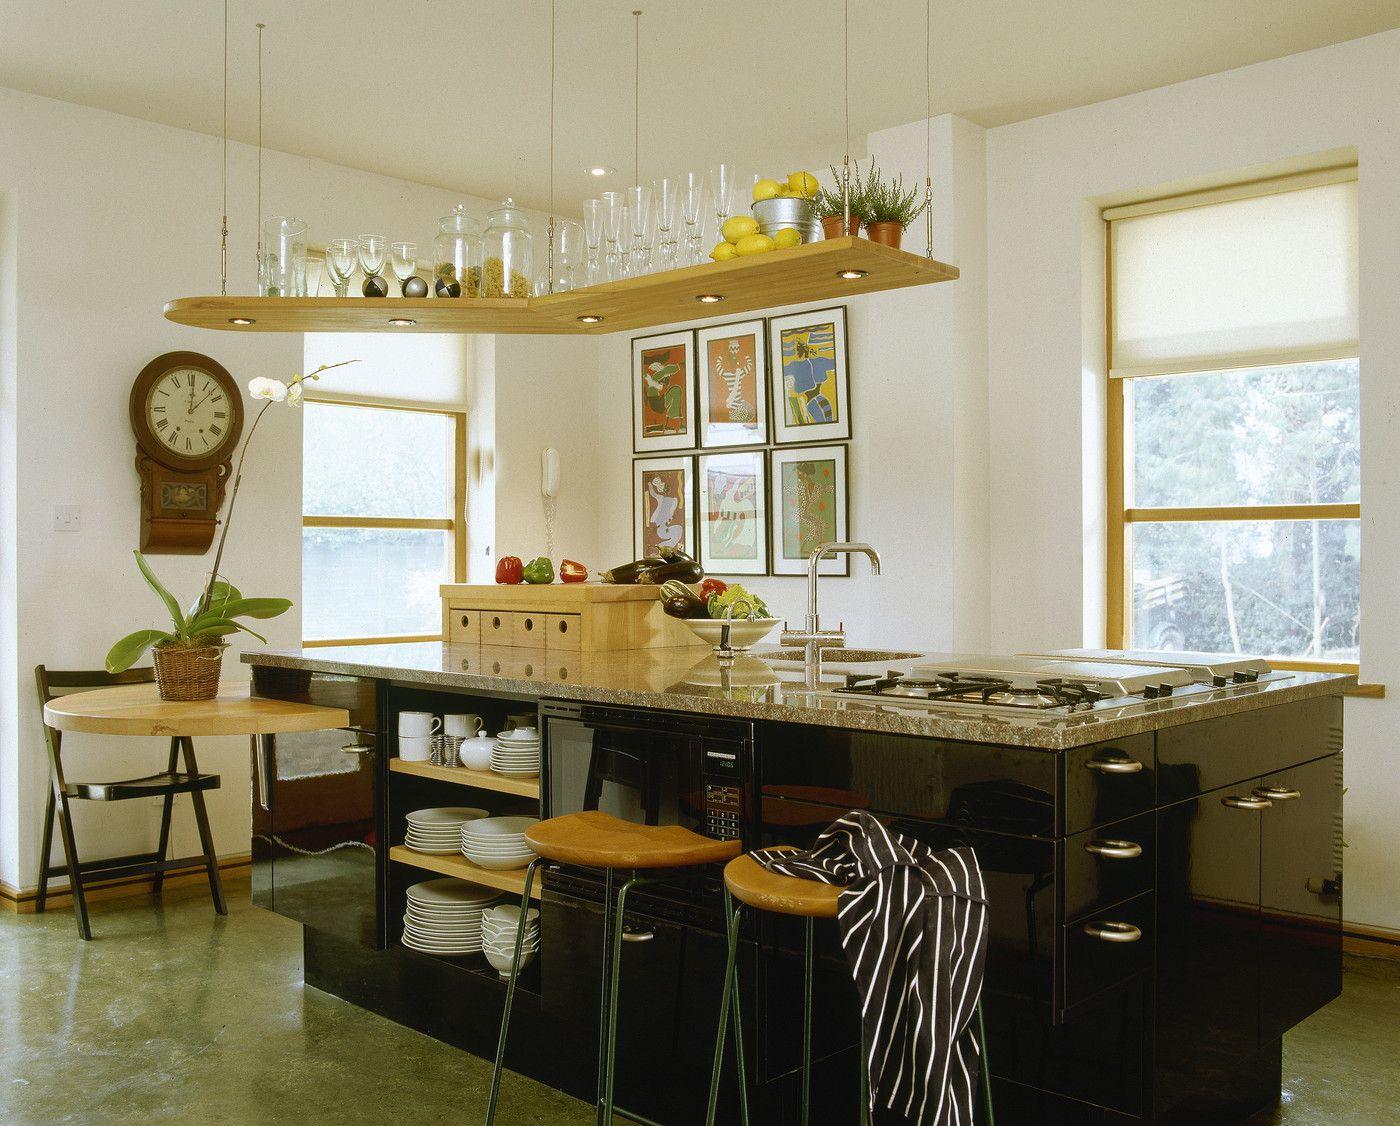 Sink Photos Kitchen photos, Kitchen design, Home kitchens